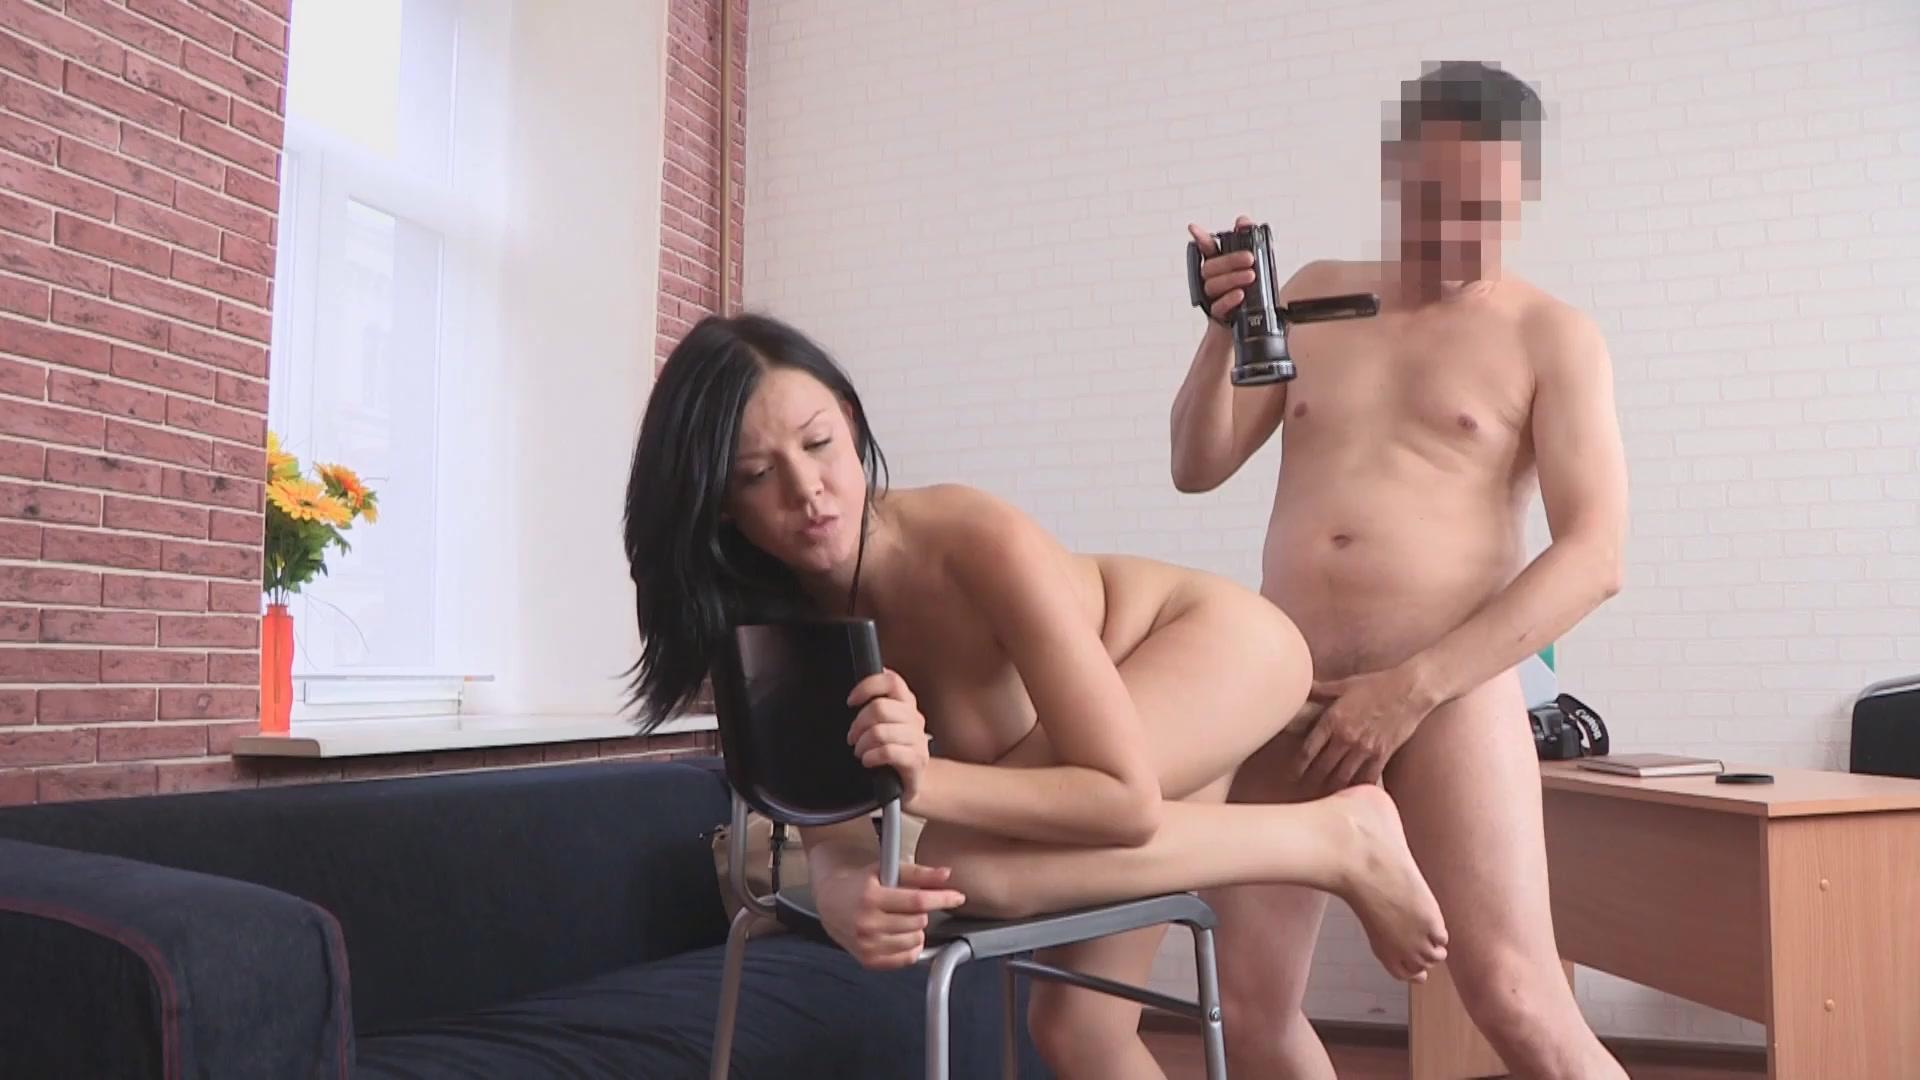 Молодой Парень Пришел На Порно Кастинг